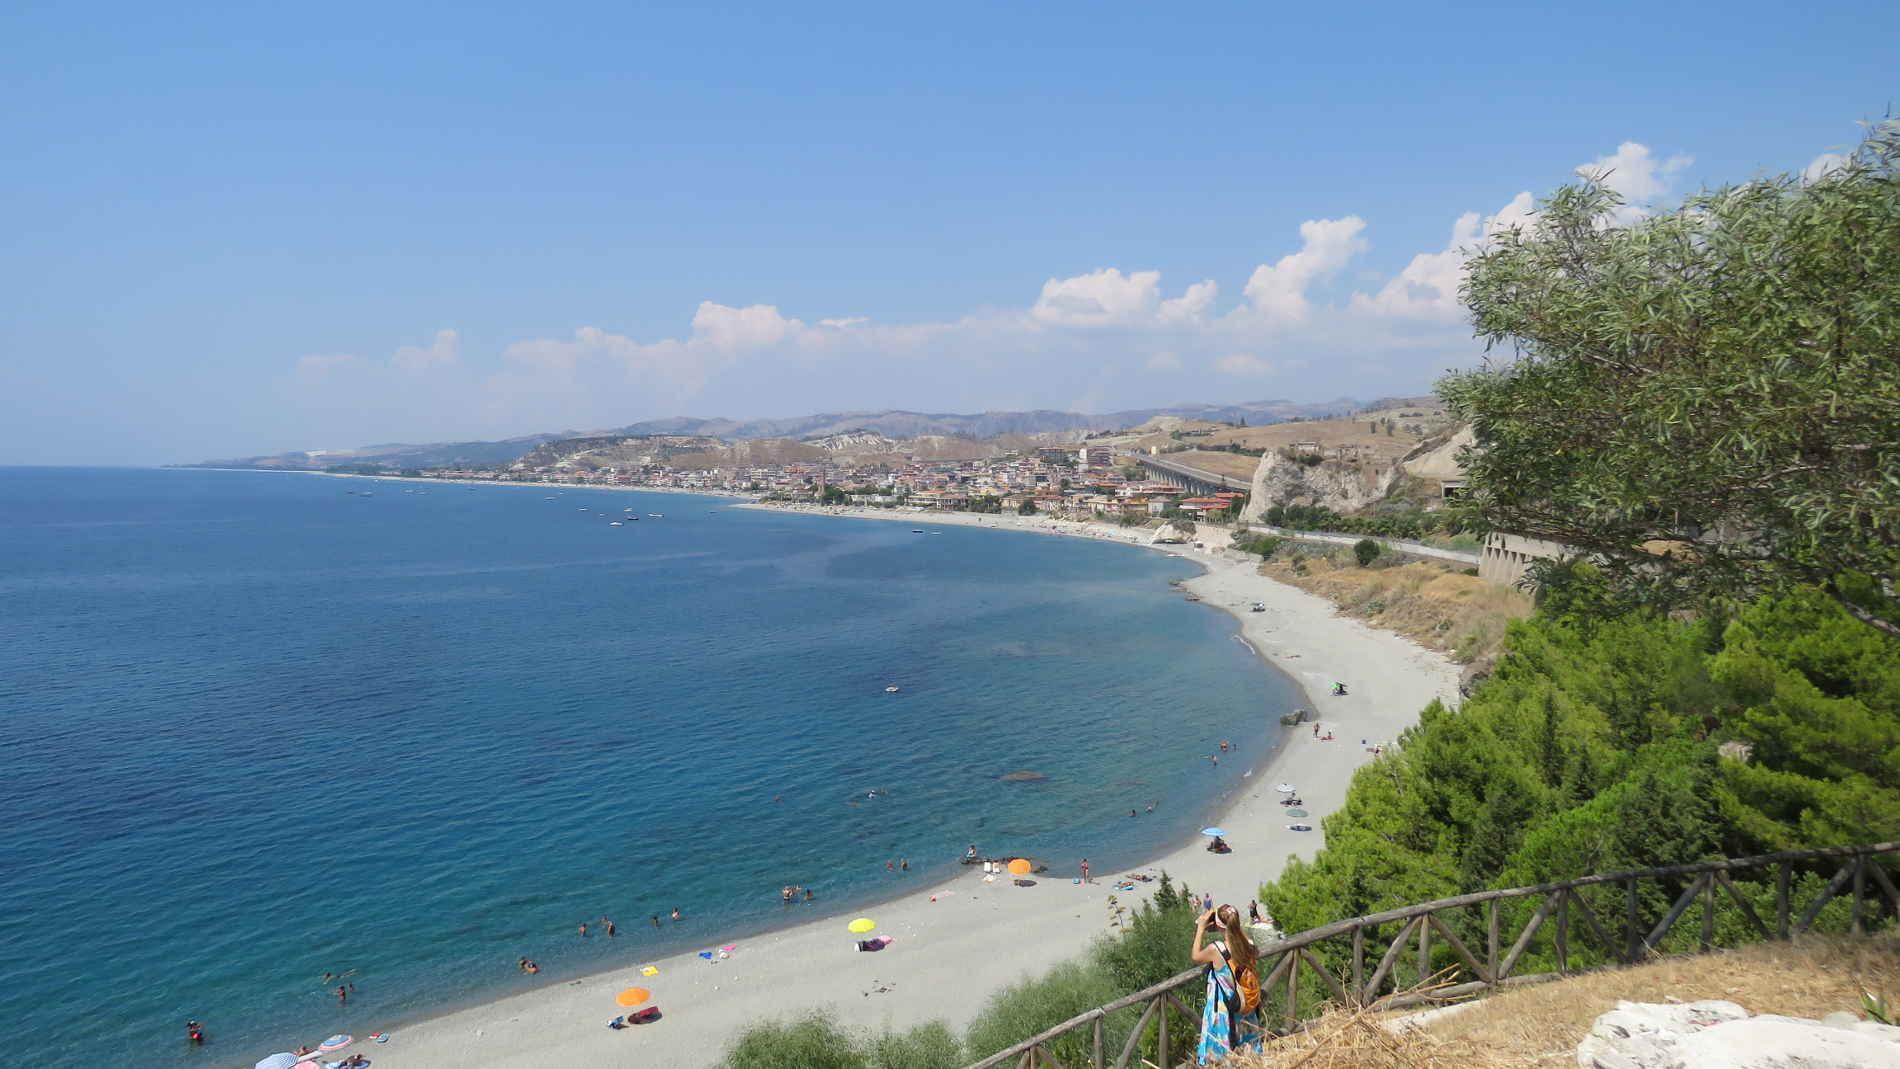 Itinerari ebraici in Calabria baia e la spiaggia di Bova Marina